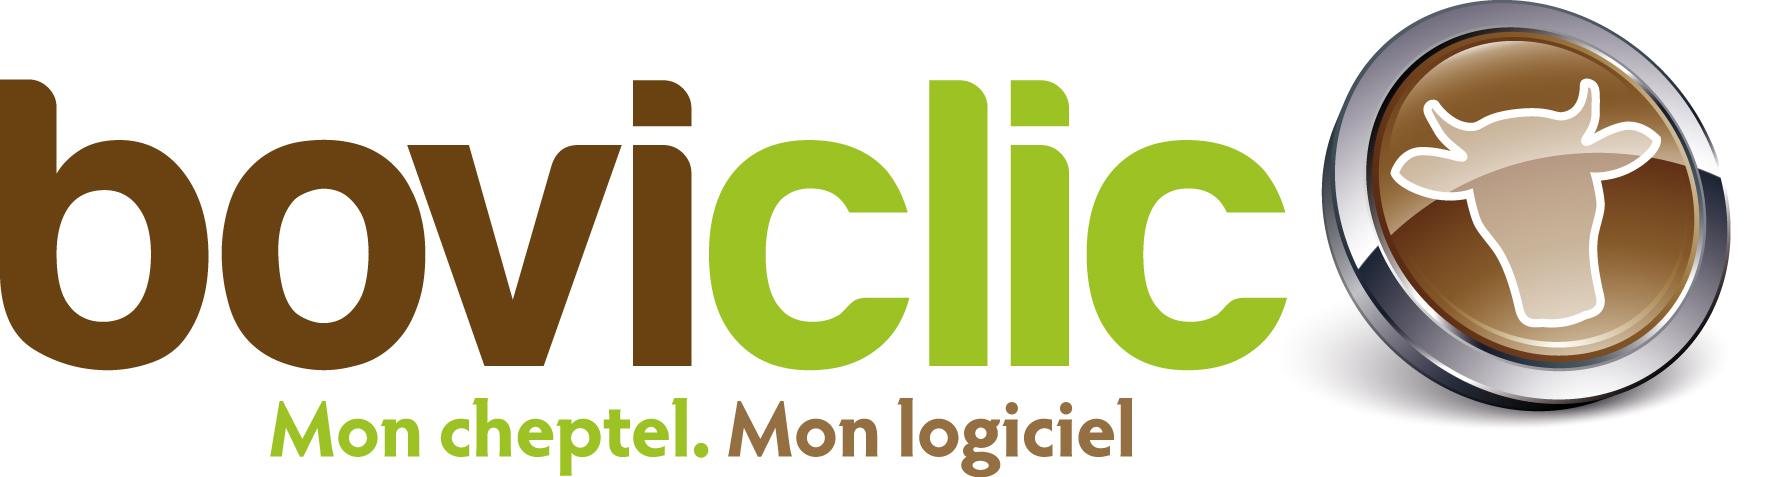 Nos outils de gestion de troupeau chambres d 39 agriculture - Chambre d agriculture franche comte ...